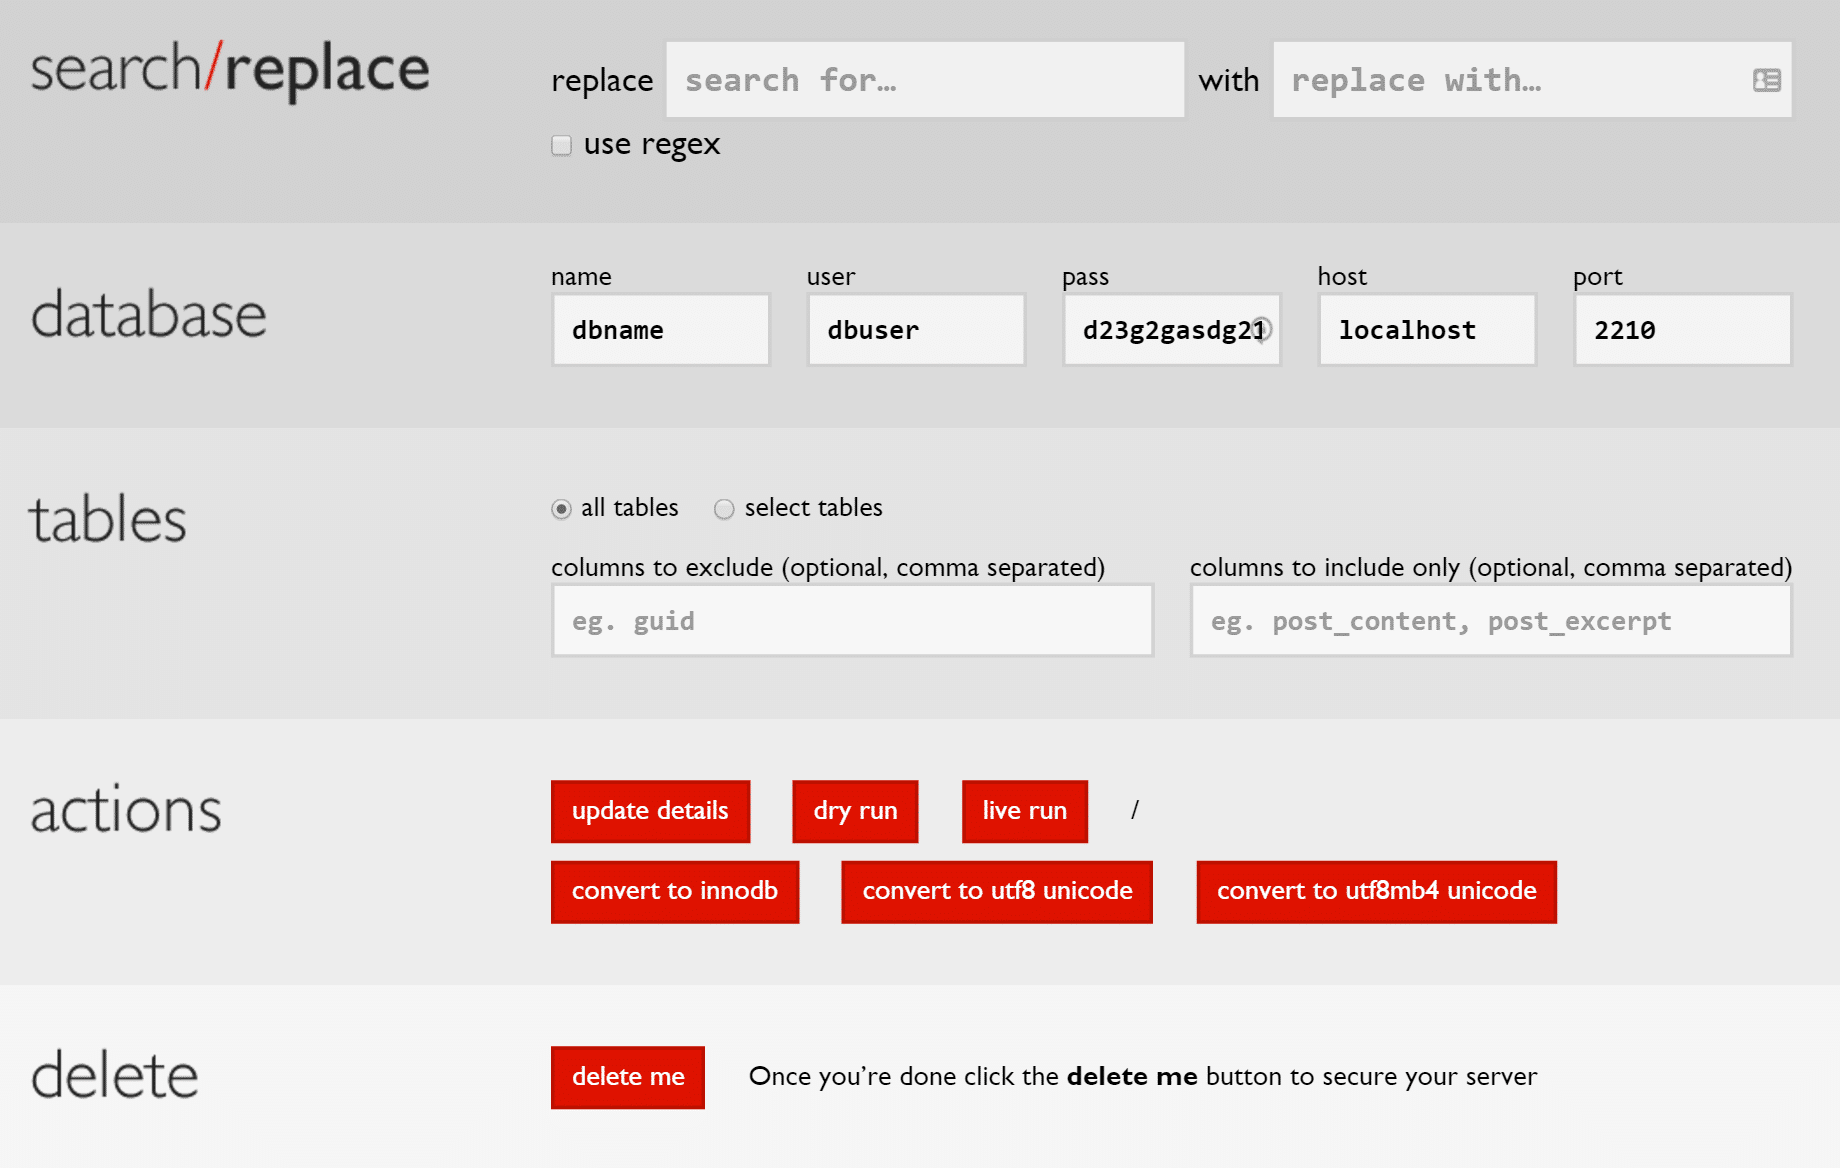 検索・置換を実行